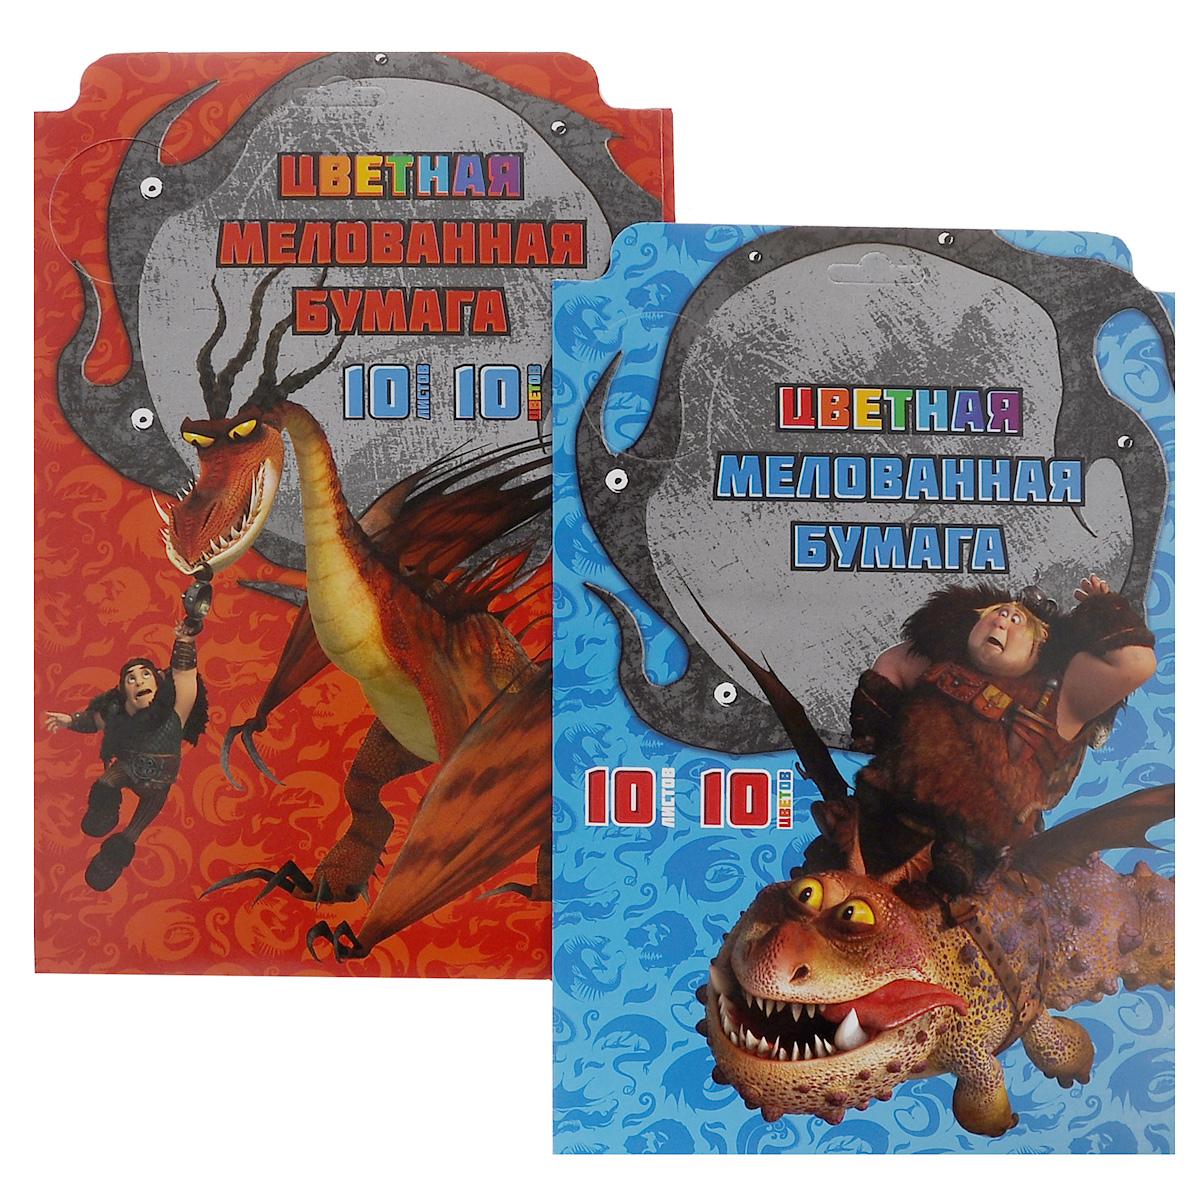 Набор цветной бумаги Dragons, 10 цветов, 2 штDR-CCP-10/10Набор цветной бумаги Dragons, идеально подойдет для занятий в детском саду, школе и дома. Цветная бумага с яркими красками обеспечит максимально удобный и увлекательный творческий процесс. Папка из мелованного картона с изображением героев мультфильма Как приручить дракона на обложке надежно защитит бумажные листы от повреждений. В набор входят цвета: серебро, золото, желтый, красный, малиновый, зеленый, голубой, оранжевый, коричневый, черный. В комплект входит два набора по 10 цветов. Формат листов А4.